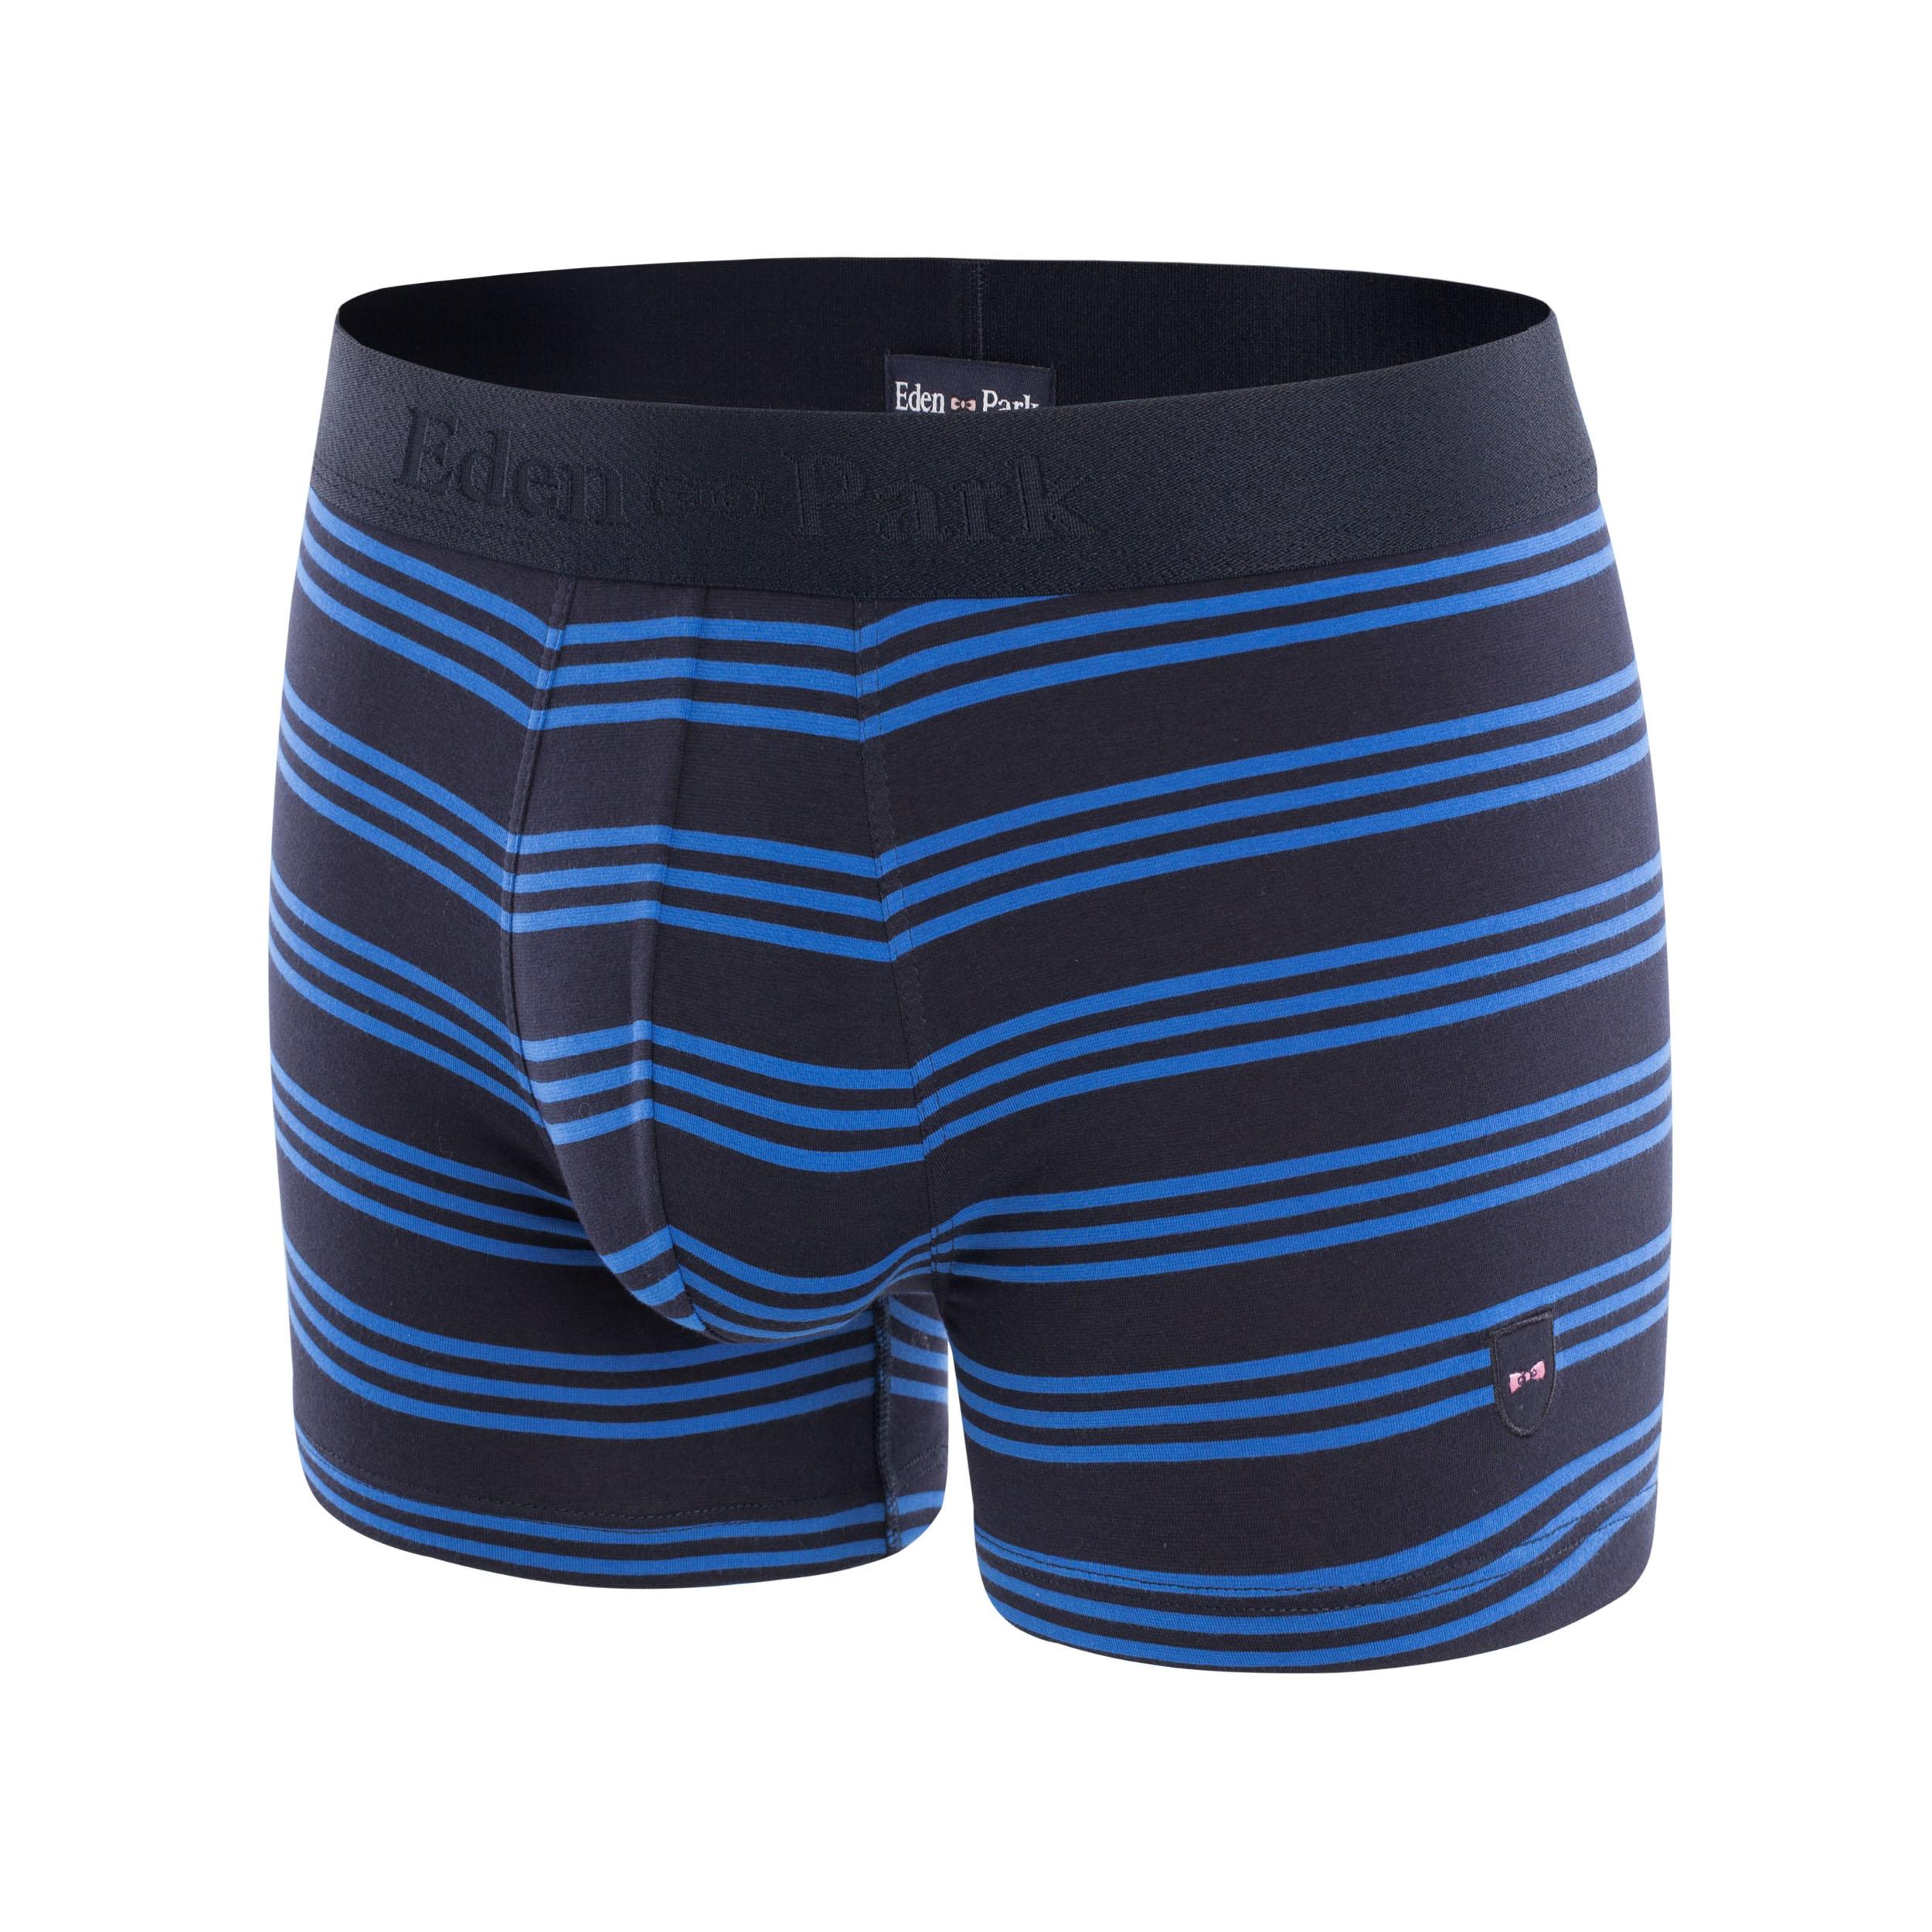 Boxer eden park en coton stretch bleu marine à rayures bleu pétrole